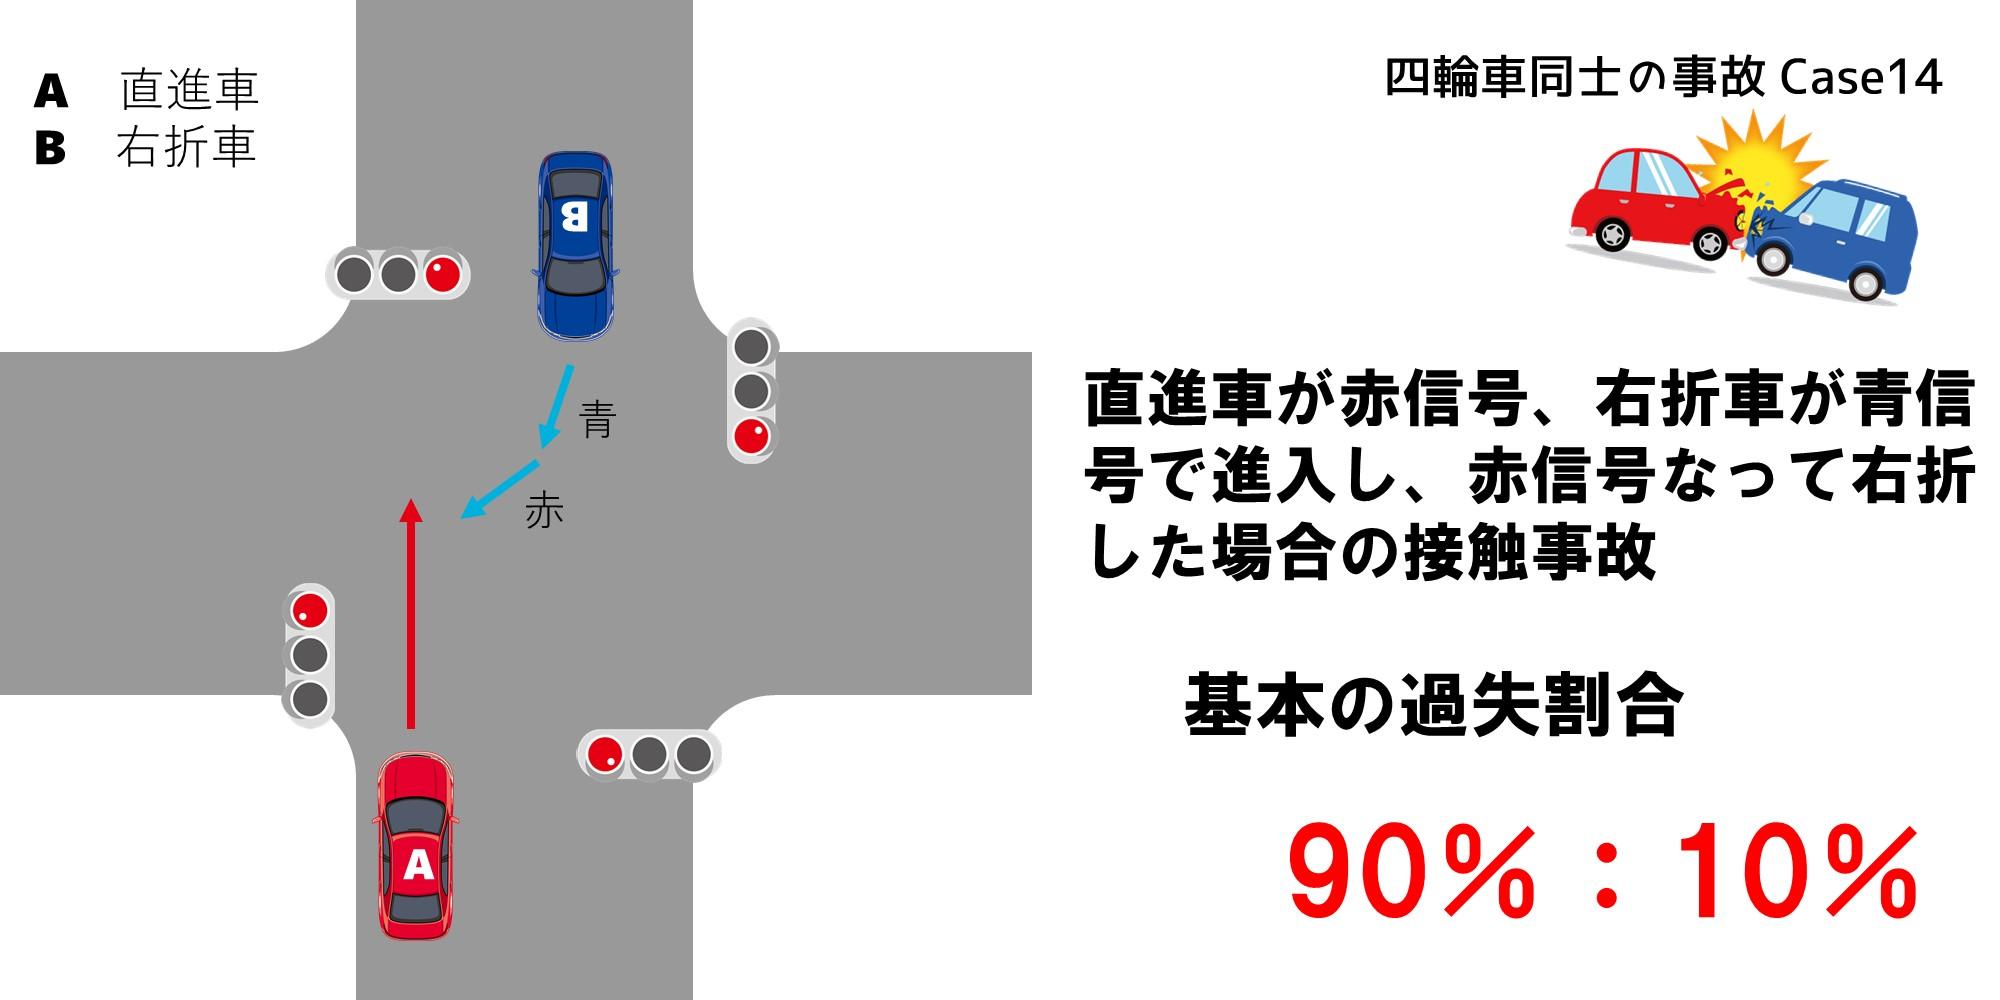 直進車が赤信号、右折車が青信号で進入し赤信号になって右折した場合の過失割合